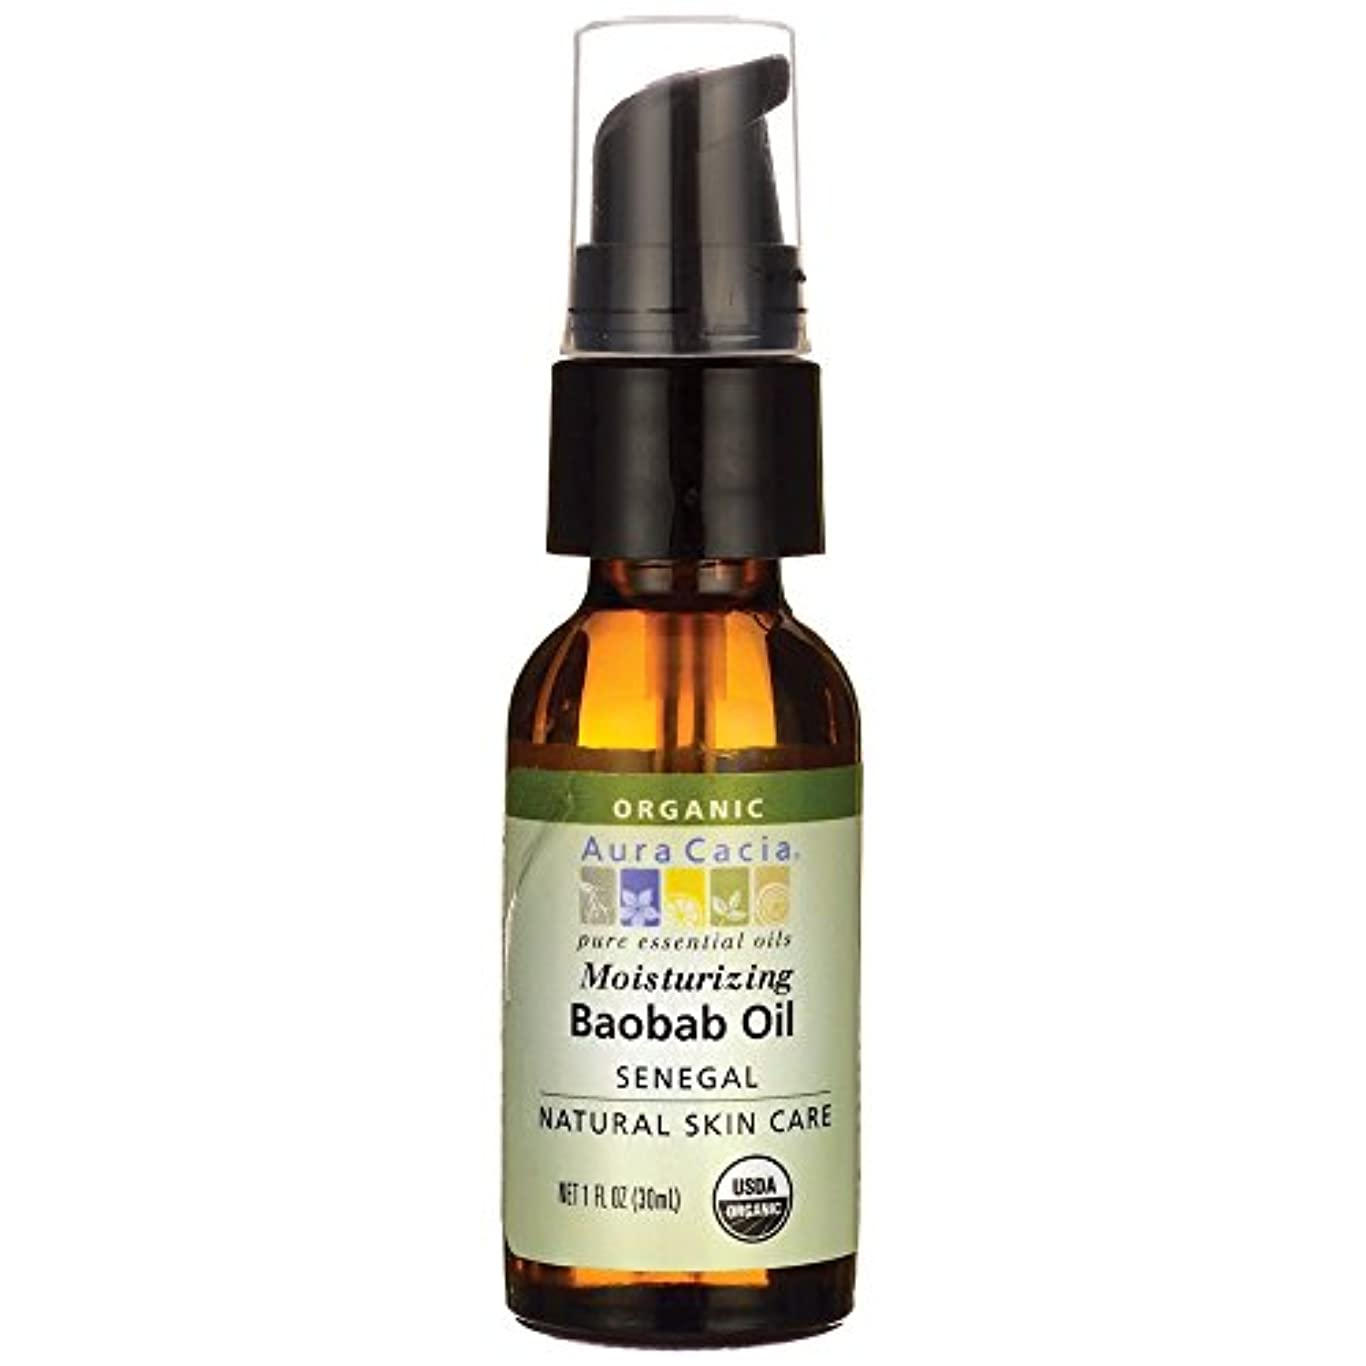 [海外直送品] Aura Cacia オーガニック バオバブ オイル 30ml Organic Baobab Oil 1 fl oz [ヘルスケア&ケア用品]